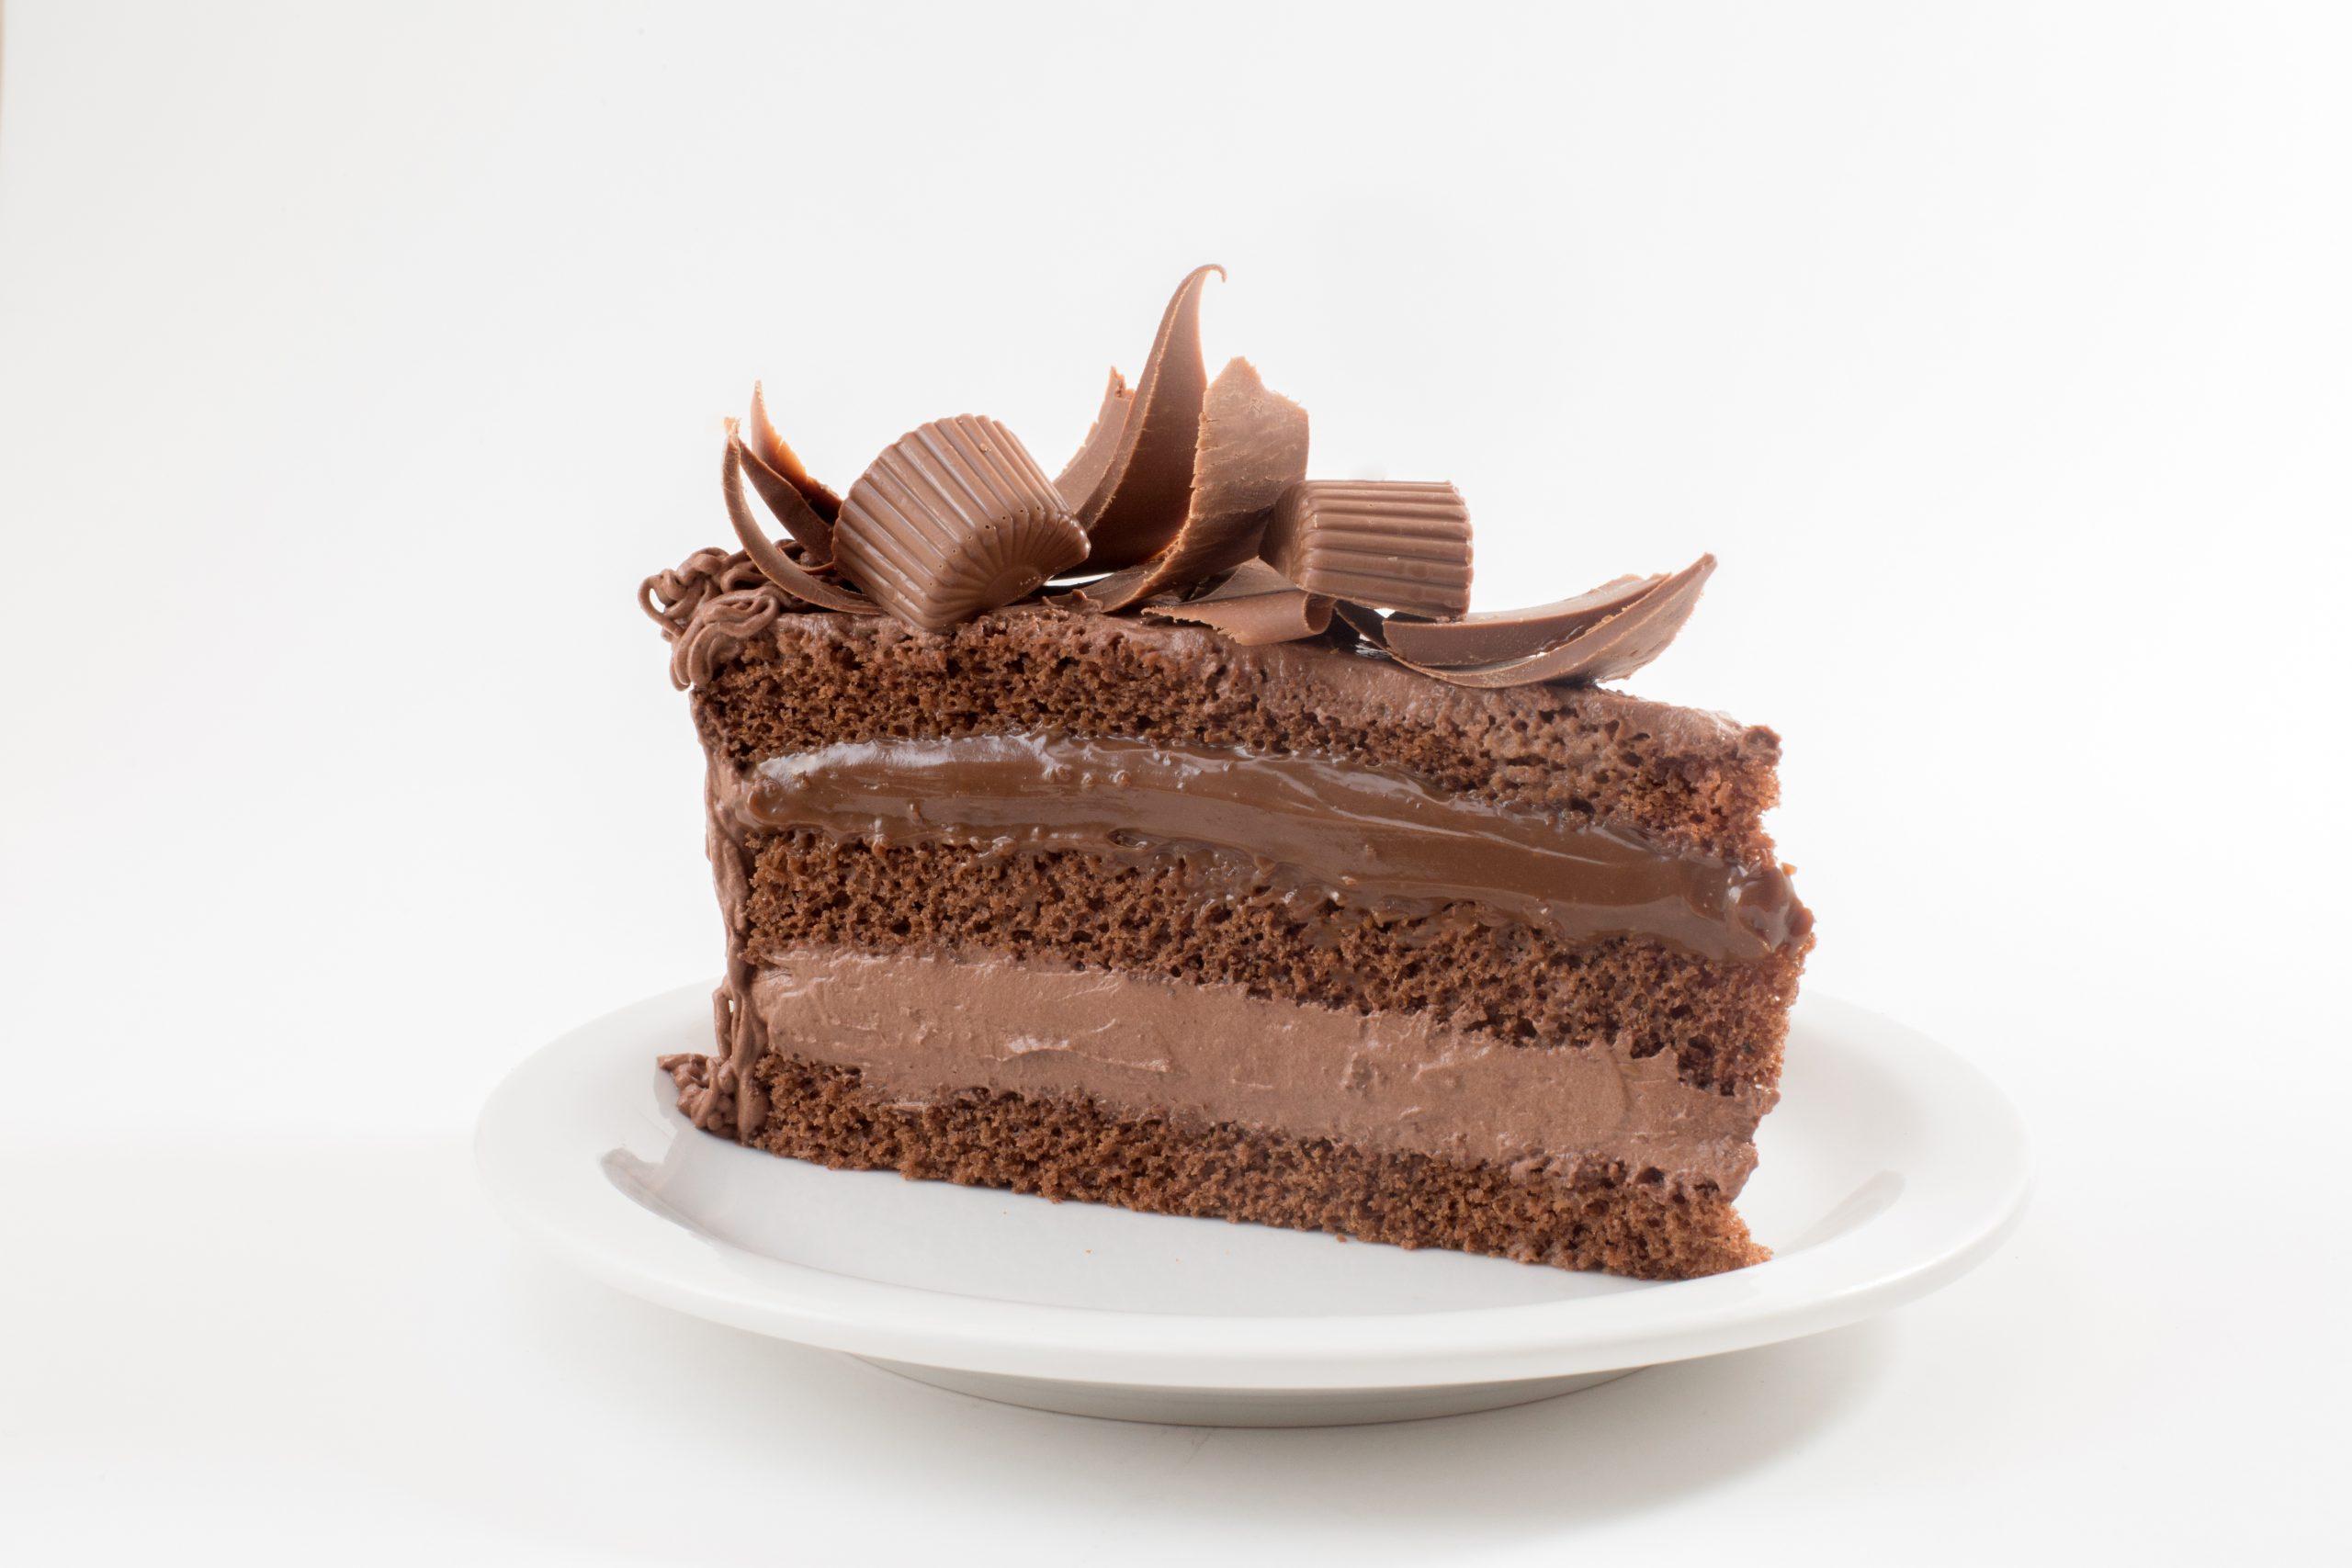 Sodiê anuncia bolos do mês para março e inicia posicionamento sustentável